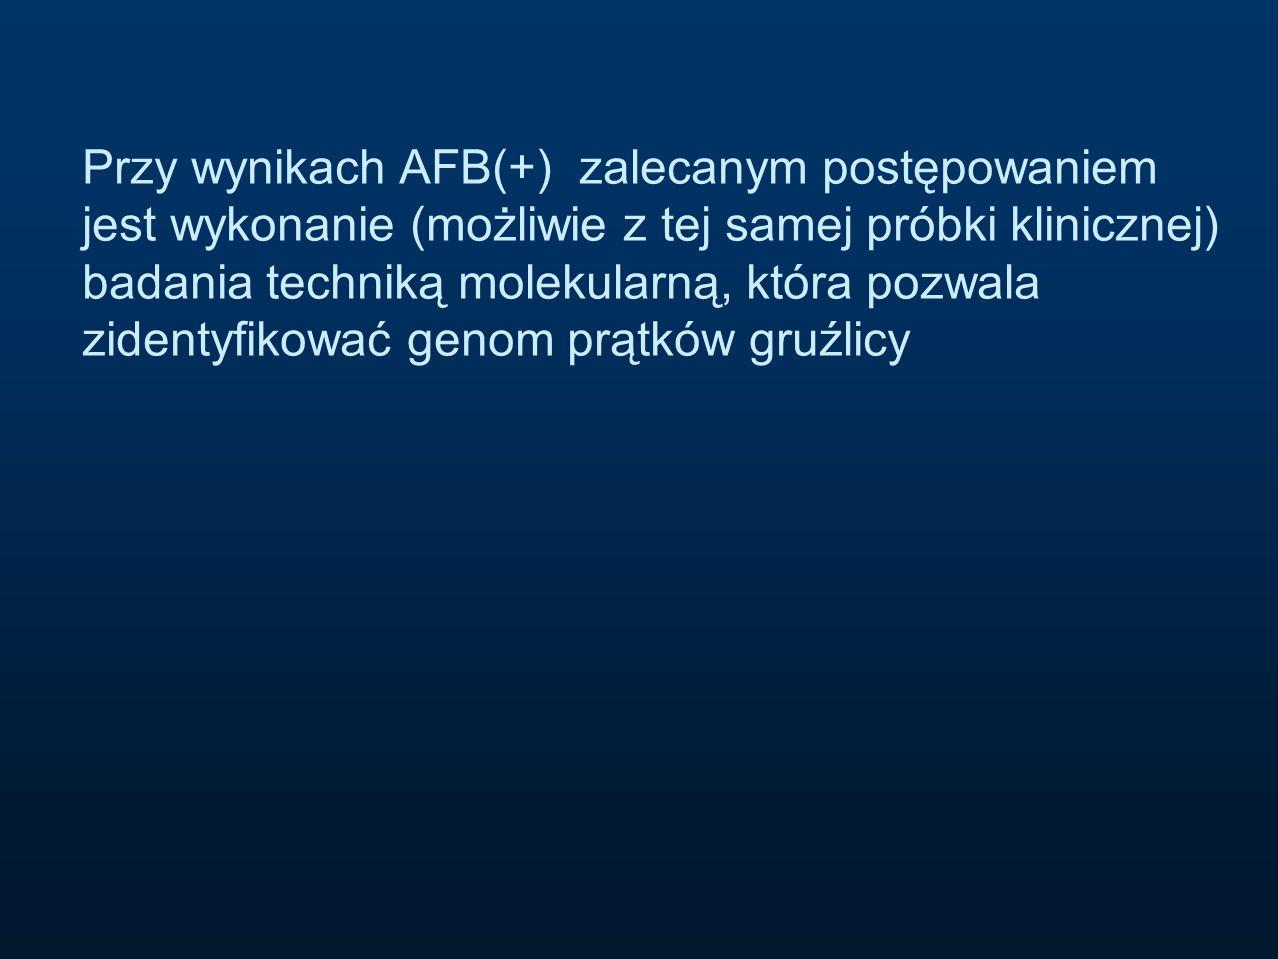 Przy wynikach AFB(+) zalecanym postępowaniem jest wykonanie (możliwie z tej samej próbki klinicznej) badania techniką molekularną, która pozwala zidentyfikować genom prątków gruźlicy